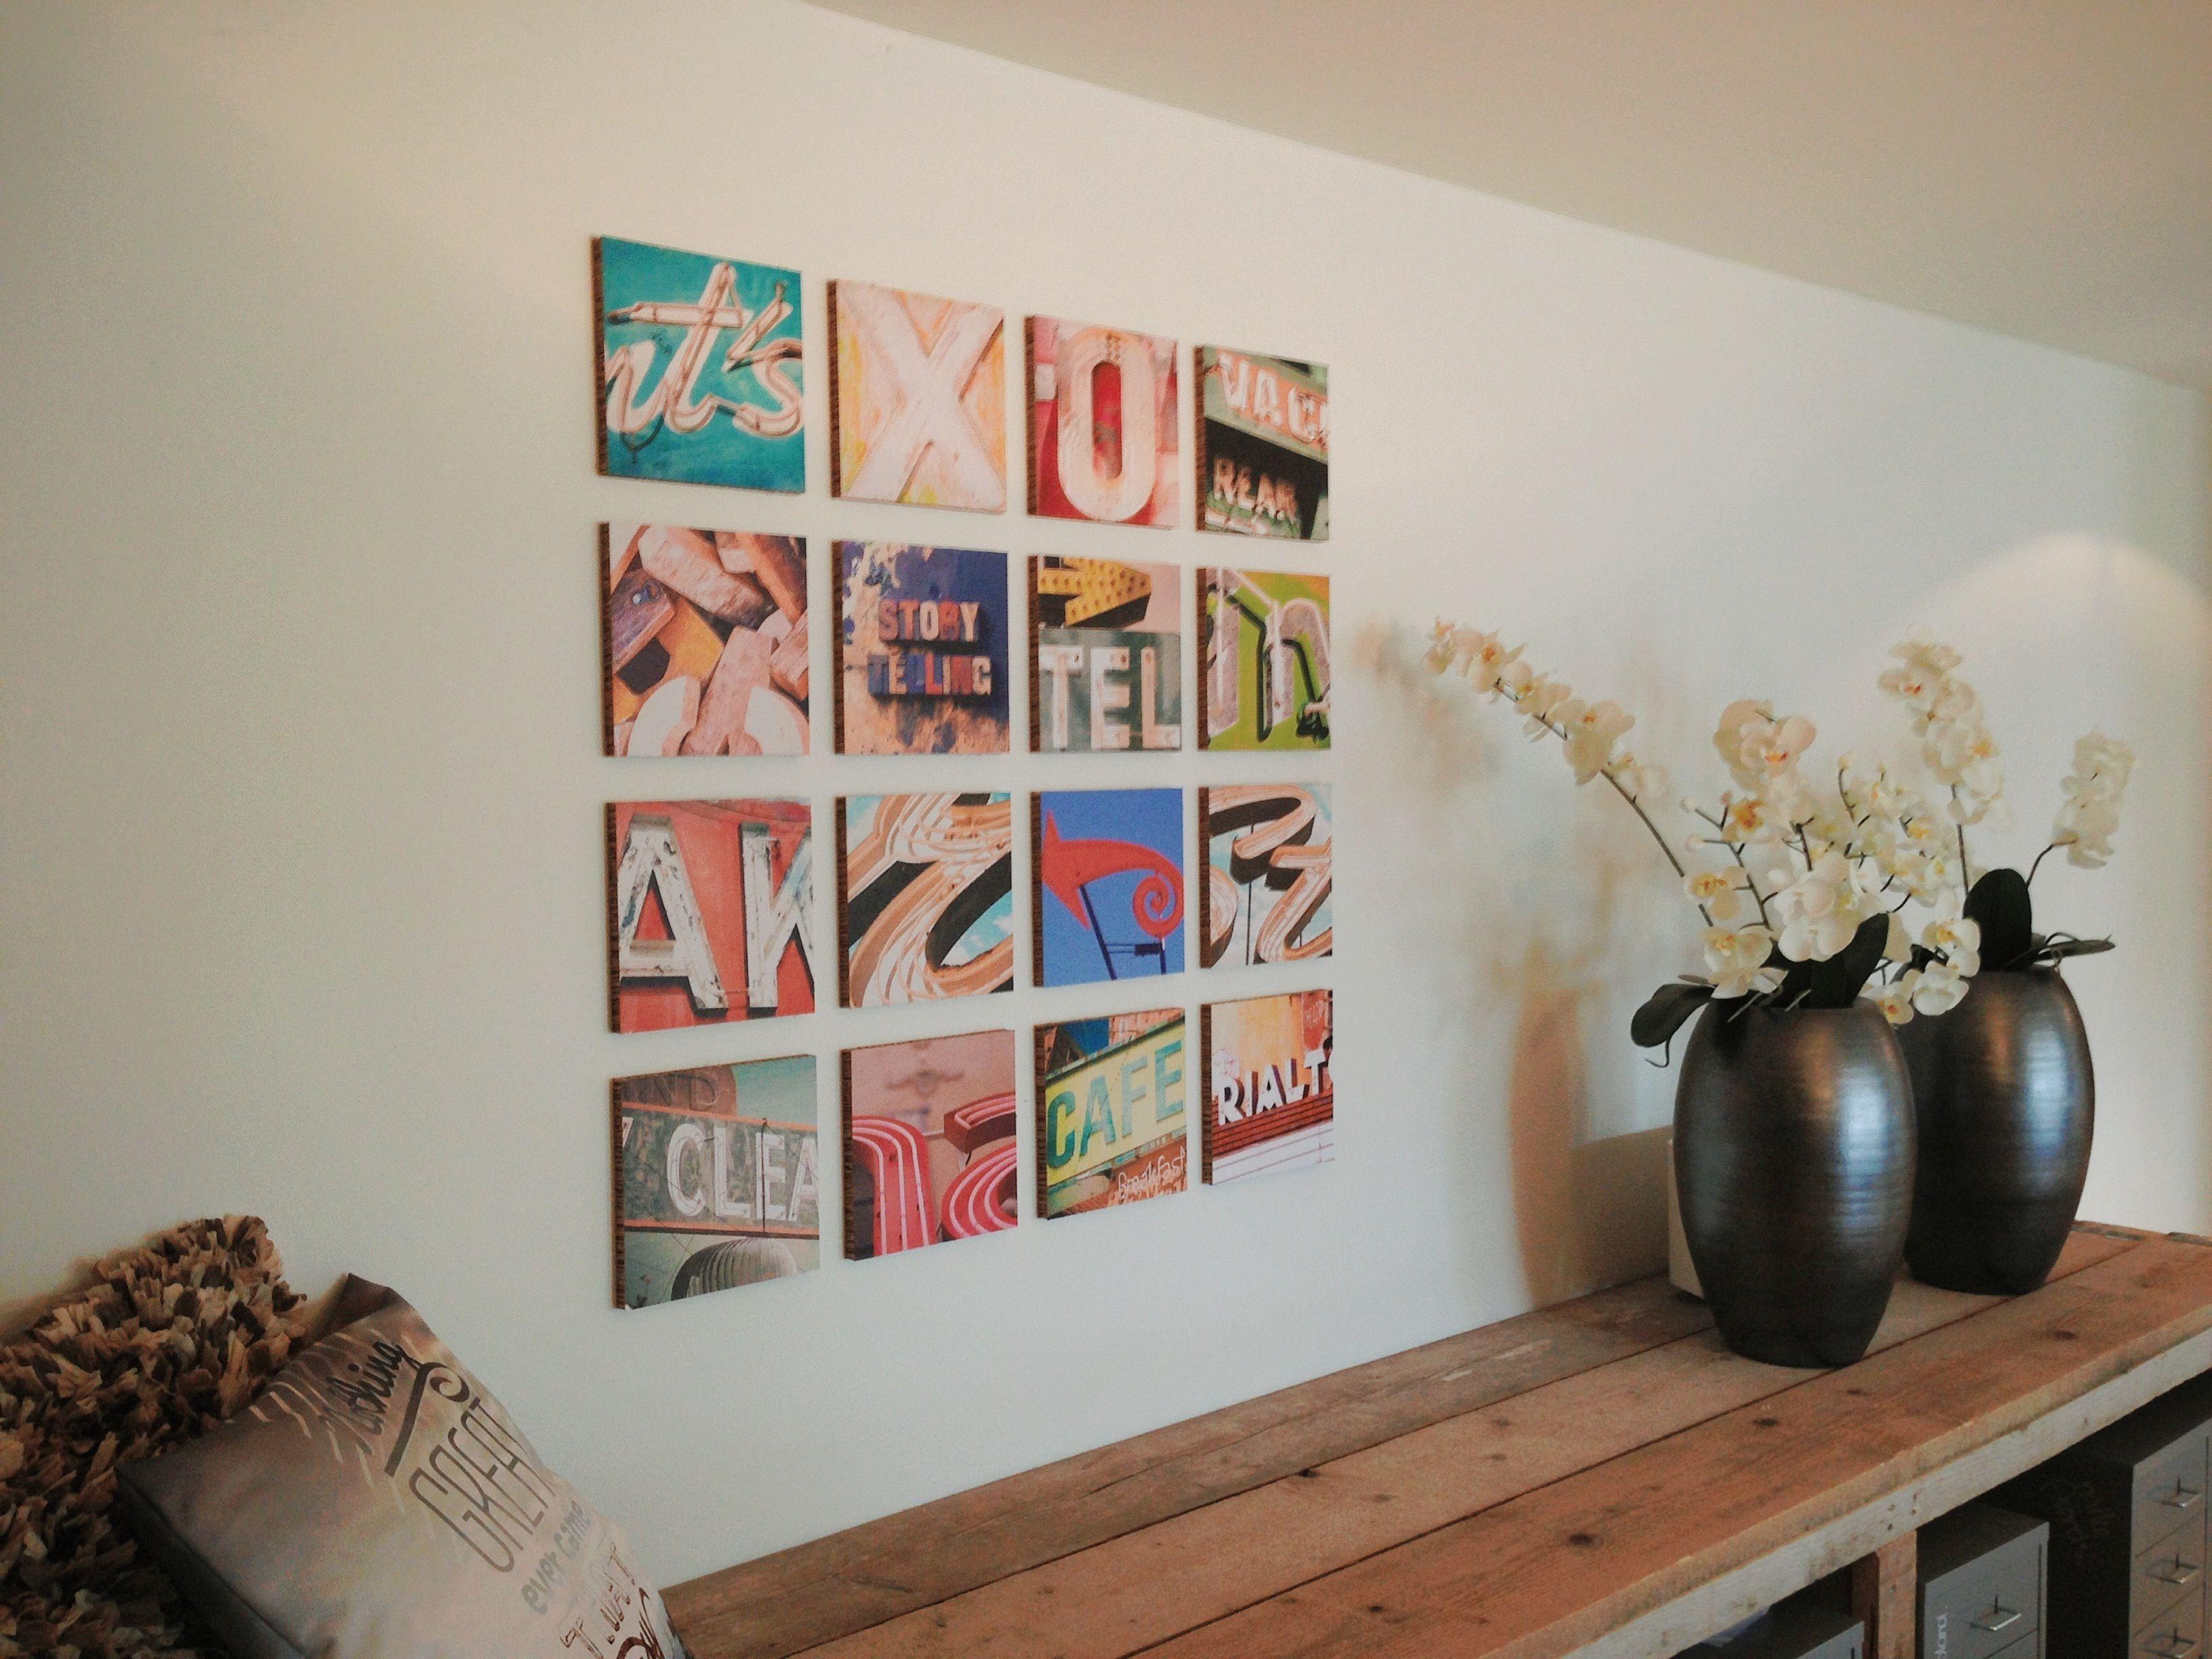 Ogu types de nieuwe lifestyle trend in wanddecoratie leuk idee